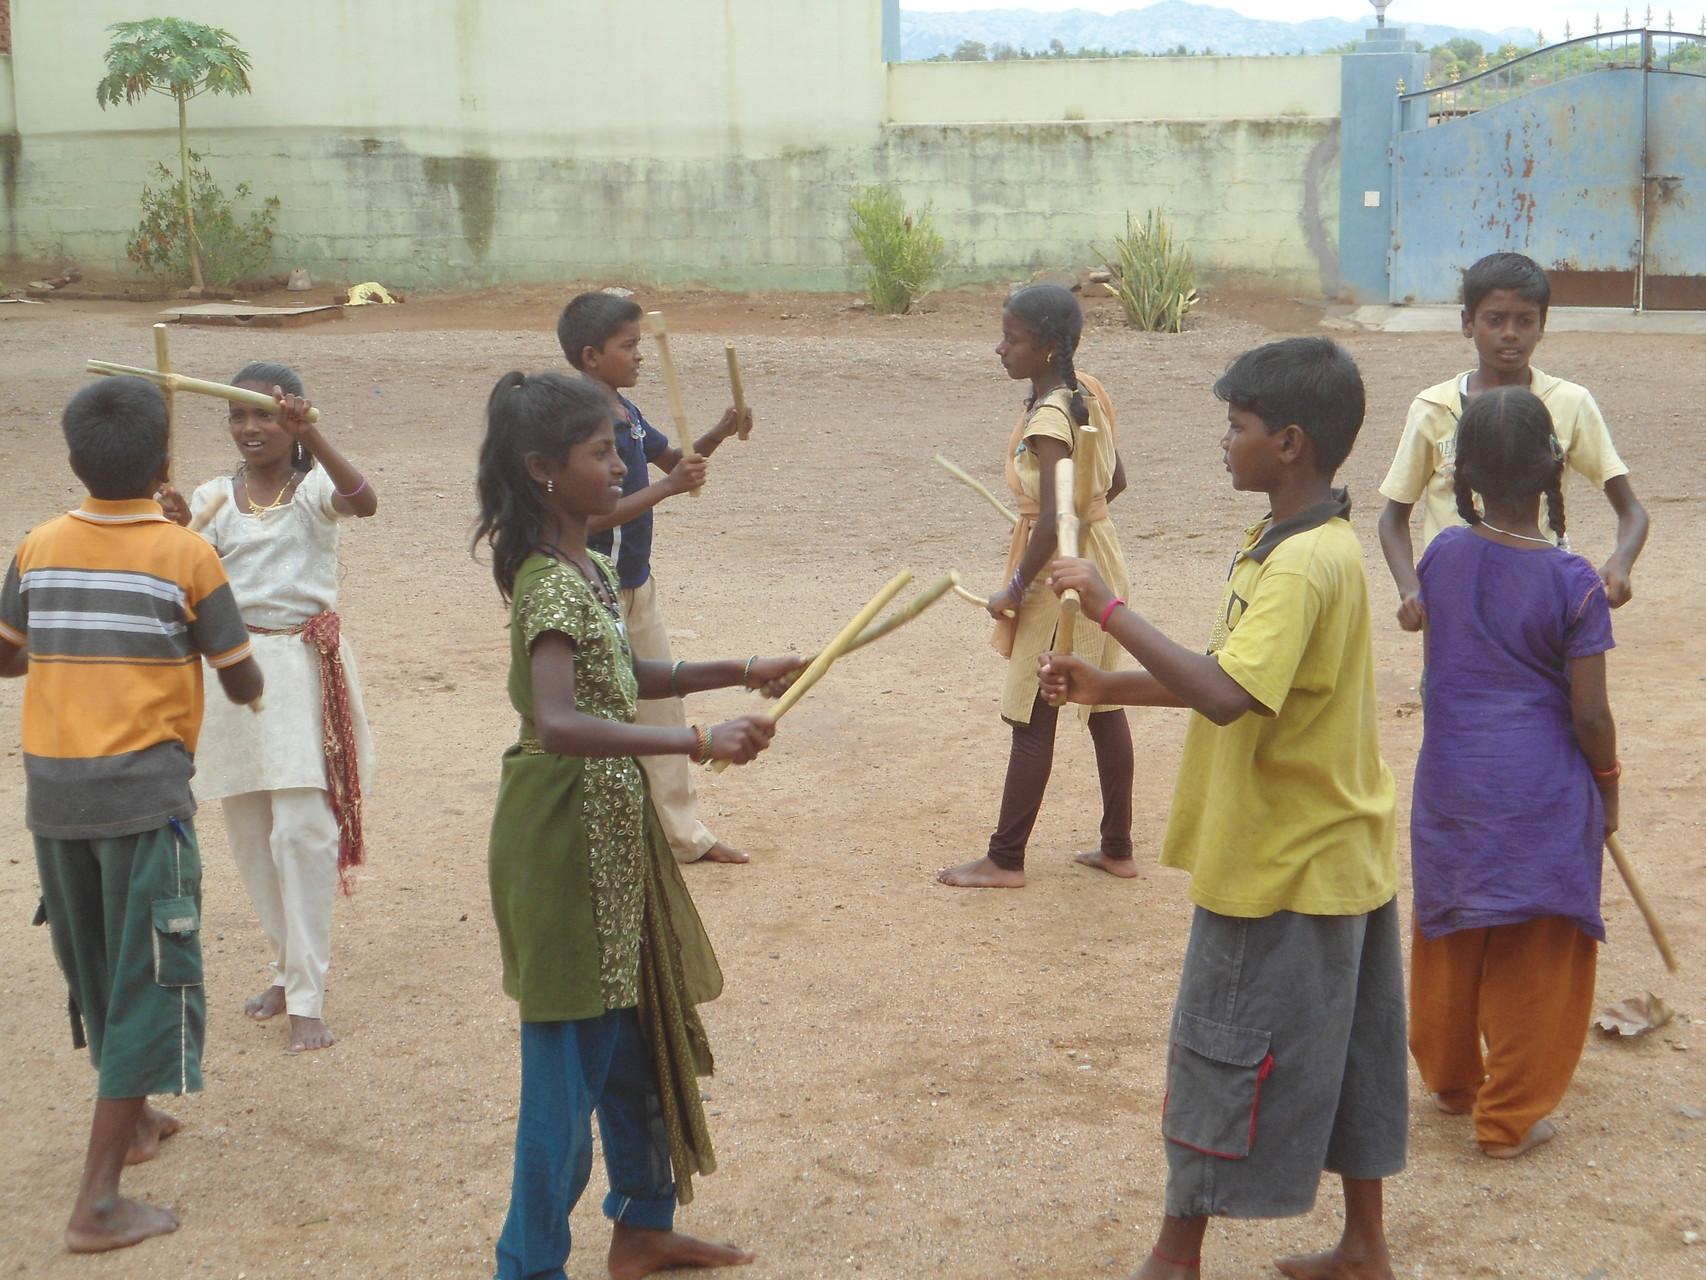 Eté 2014 - Danse des bâtons dans la cour à Suvasam